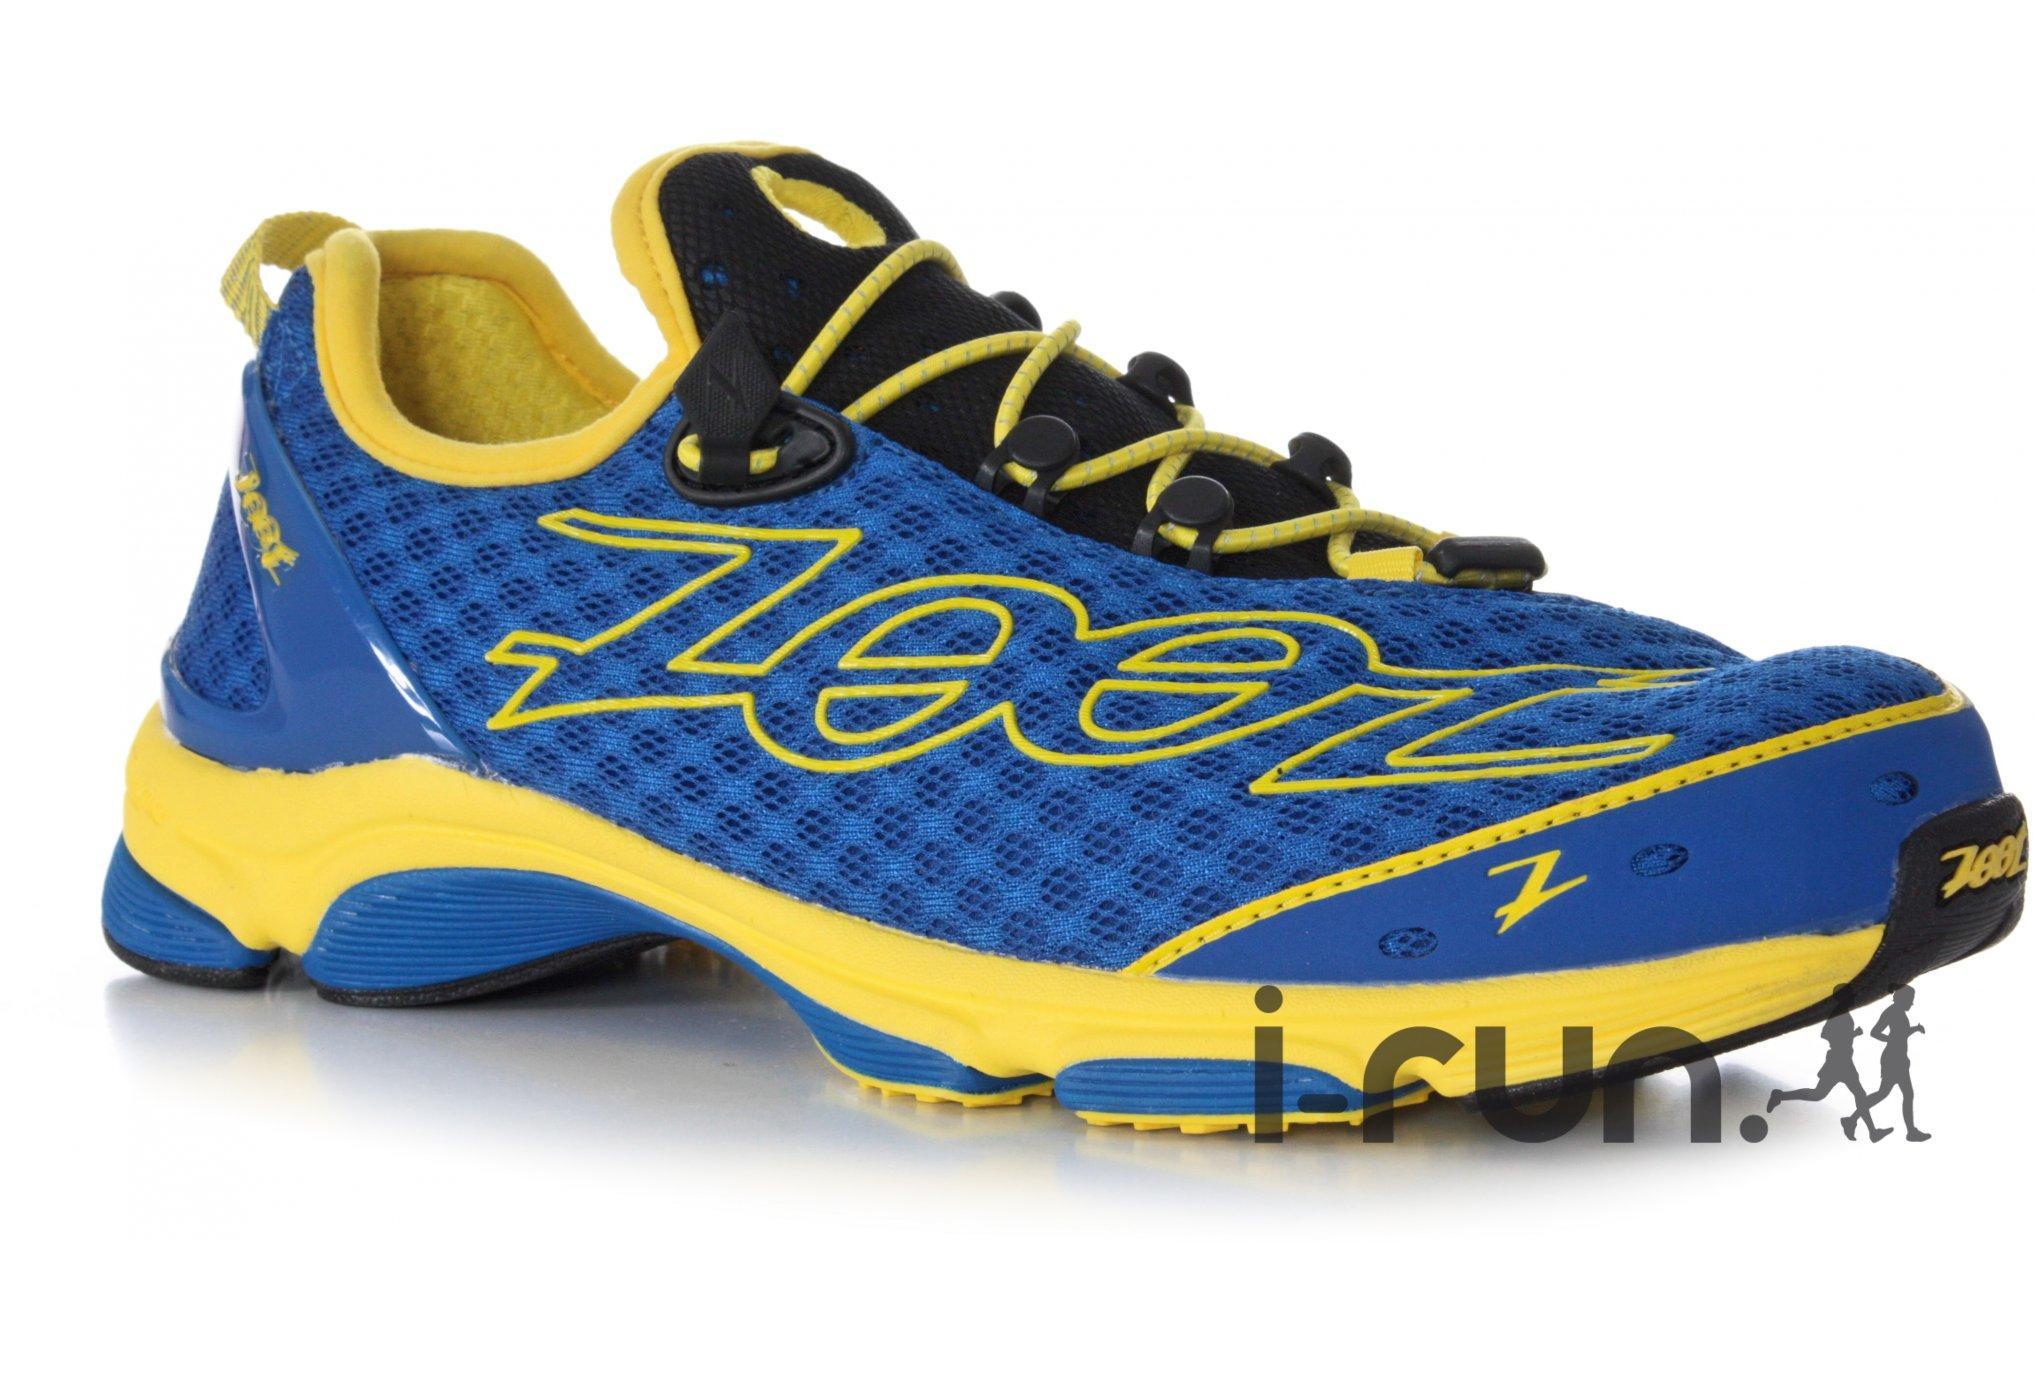 chaussure Zoot Ultra TT 7.0 pour Homme - Bleu/Jaune/Noir